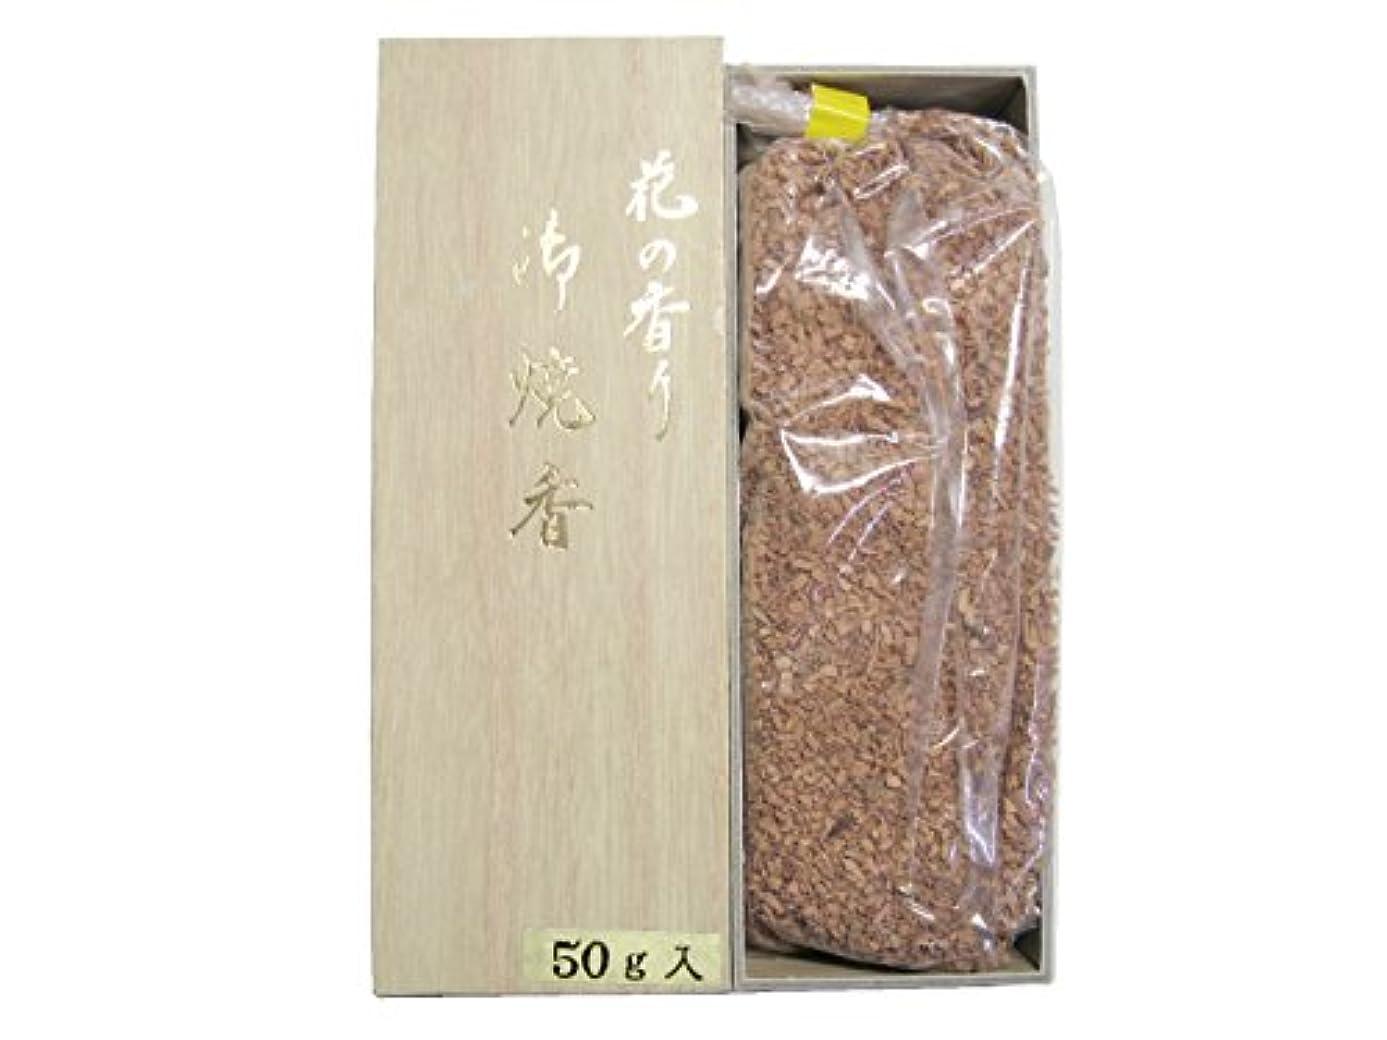 突進ウサギピュー淡路梅薫堂のお焼香 花の香り50g #948 お焼香用 お香